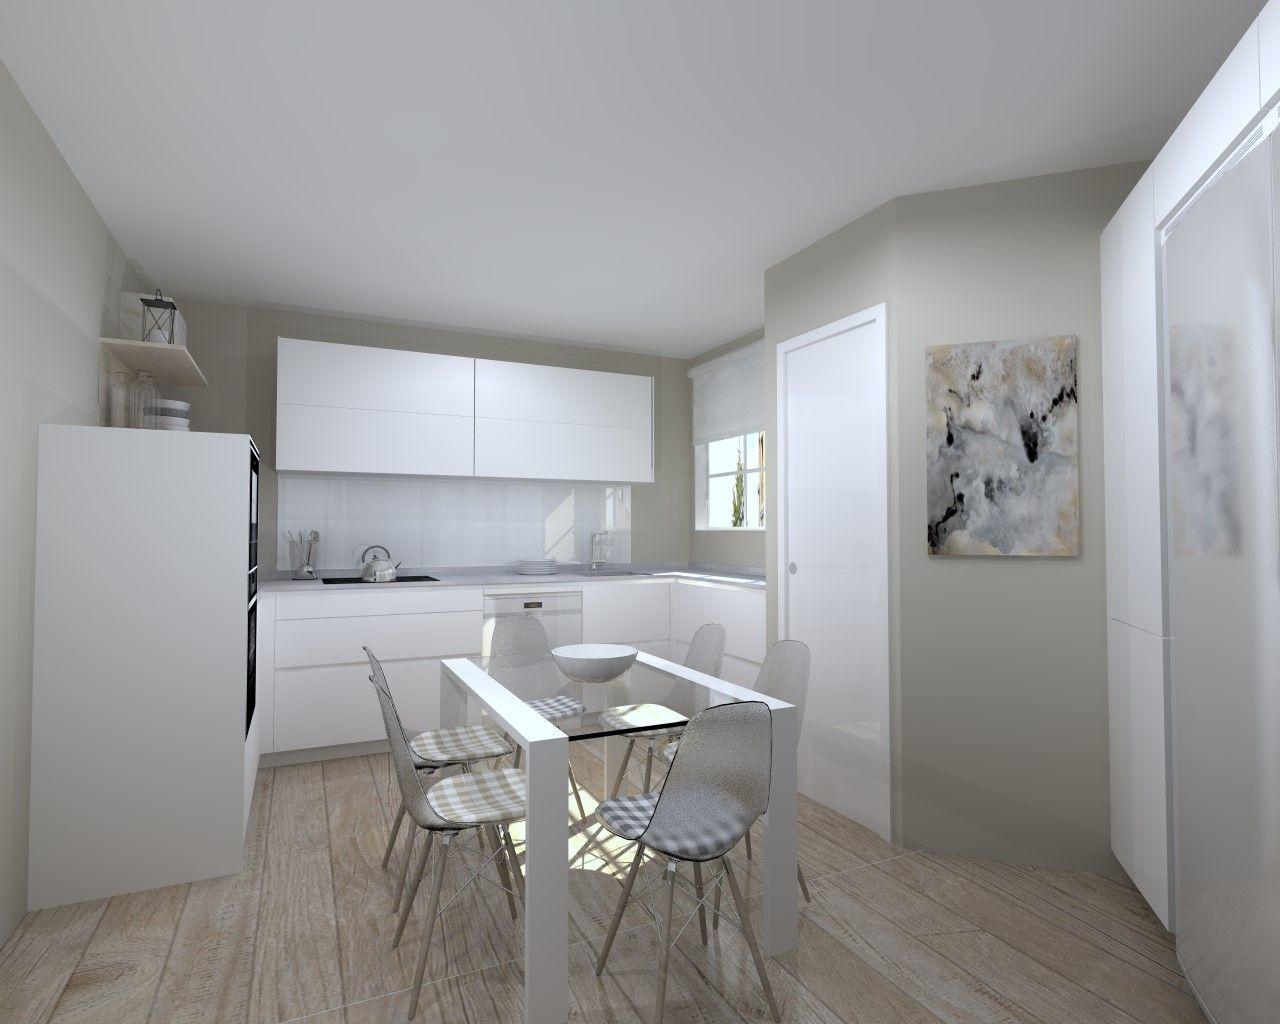 Cocina Santos Modelo Line E 13 Material Estratificado Blanco Innsbruk